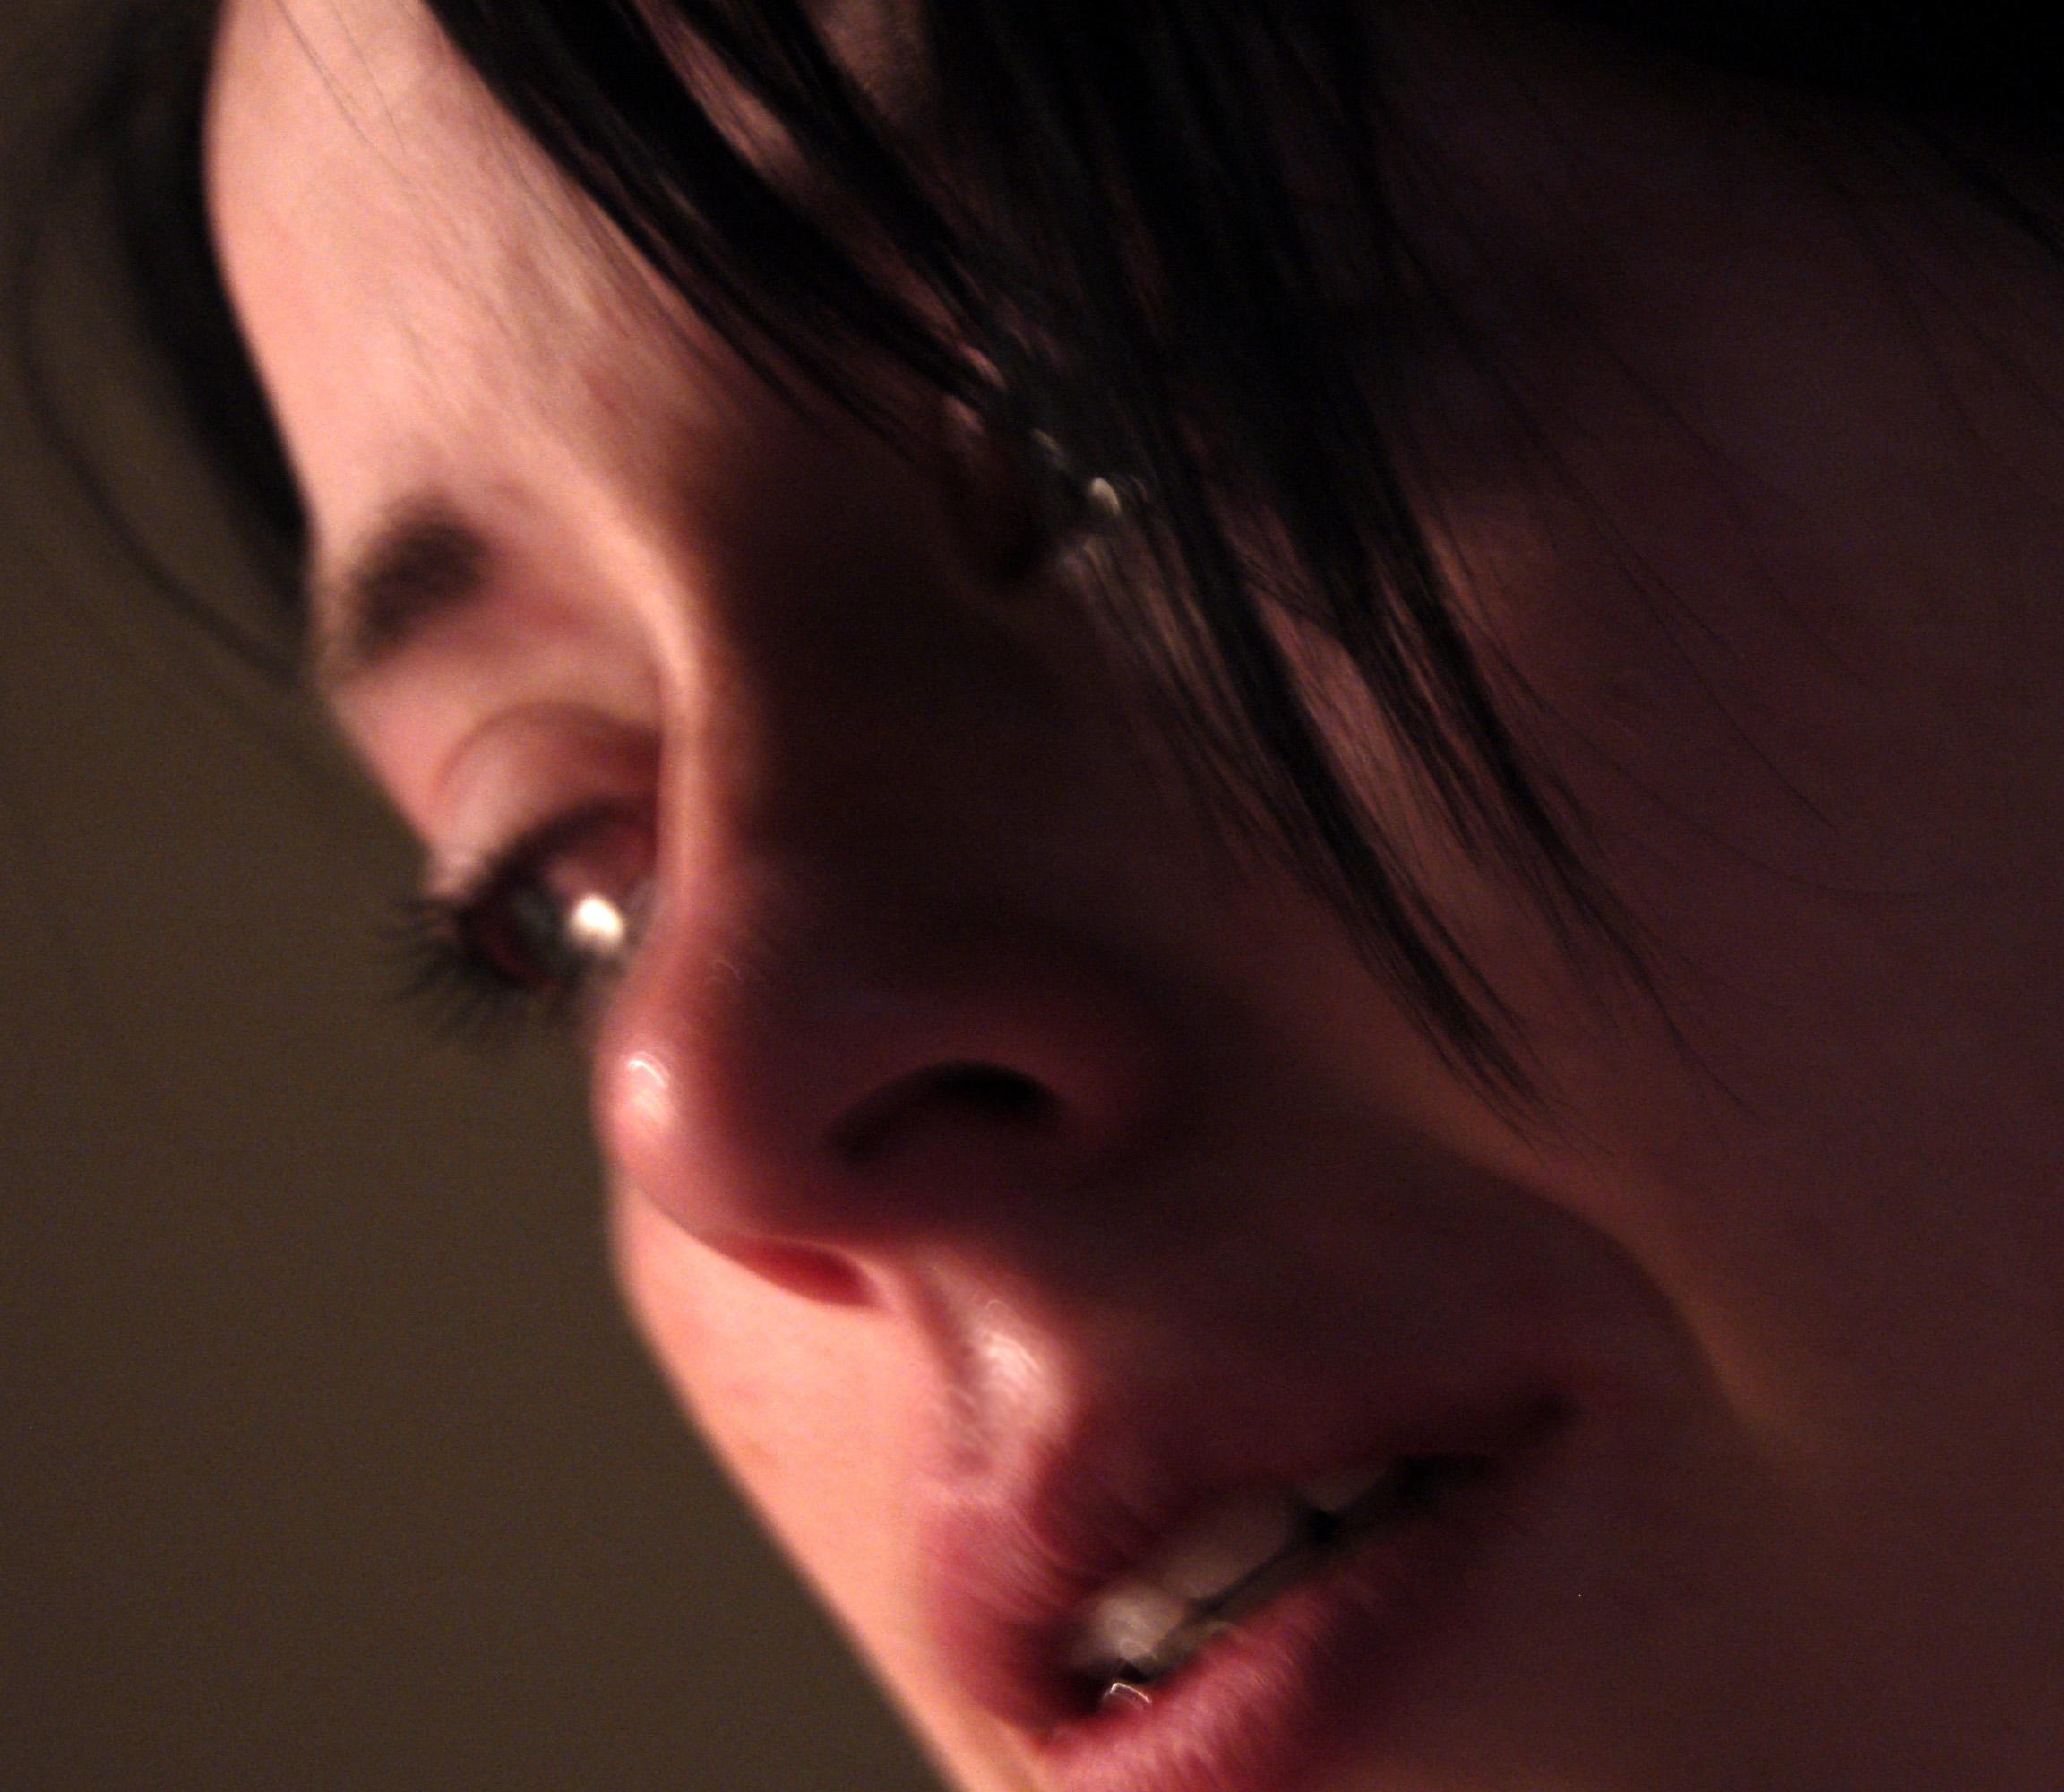 tears 03 by lilbittydemon-stock